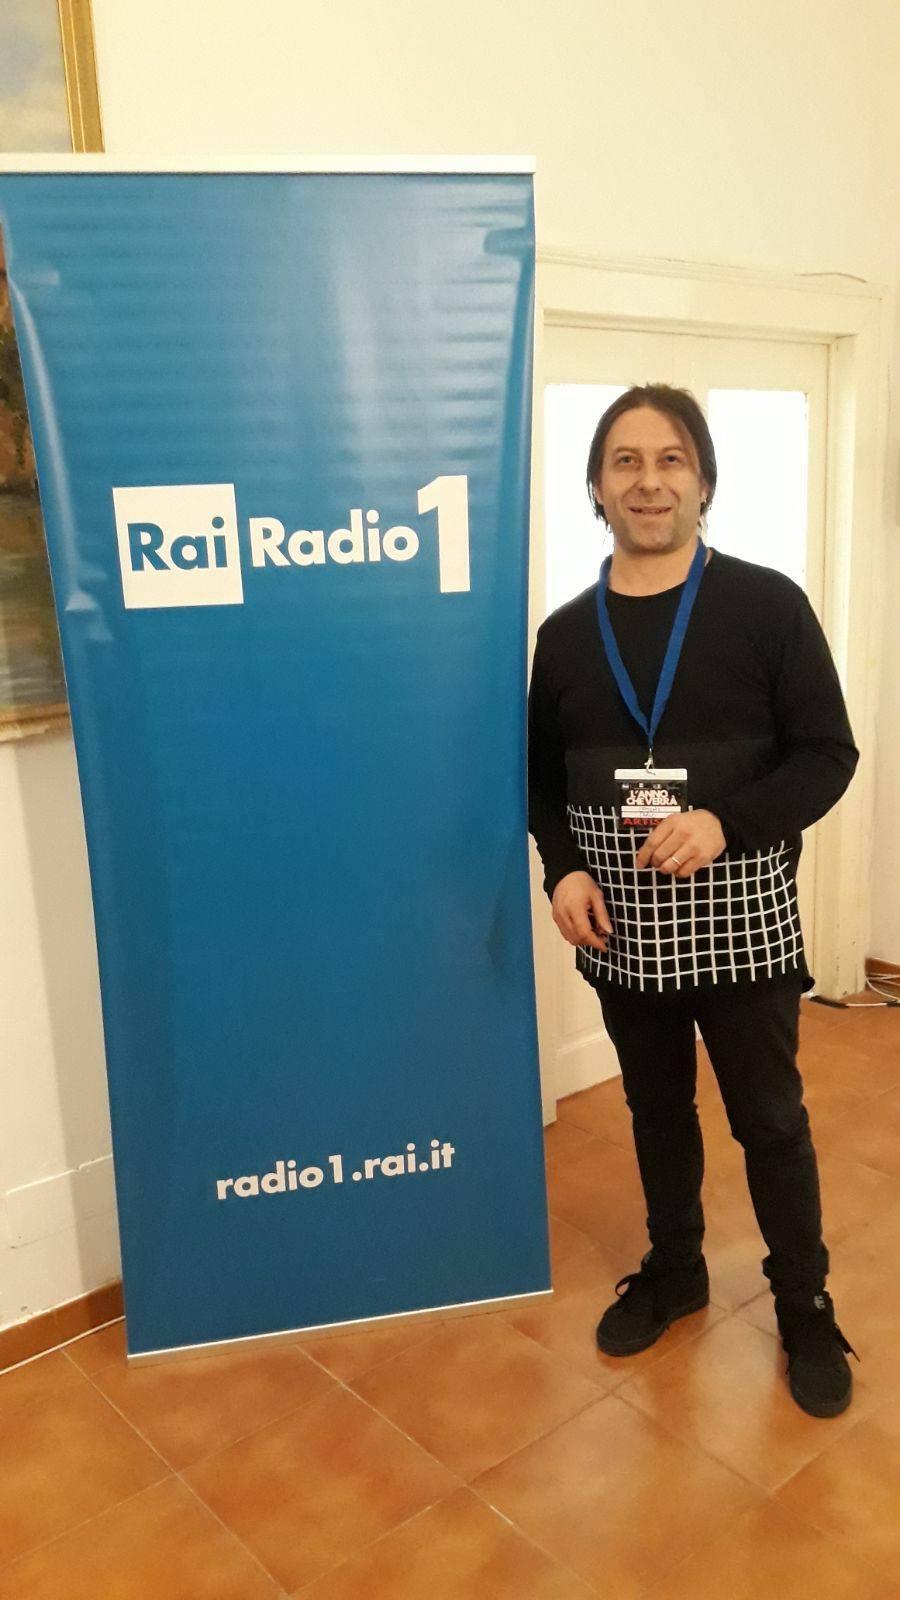 Pietro Cirillo Officine Popolari Lucane Rai 1 - L'anno che verrà